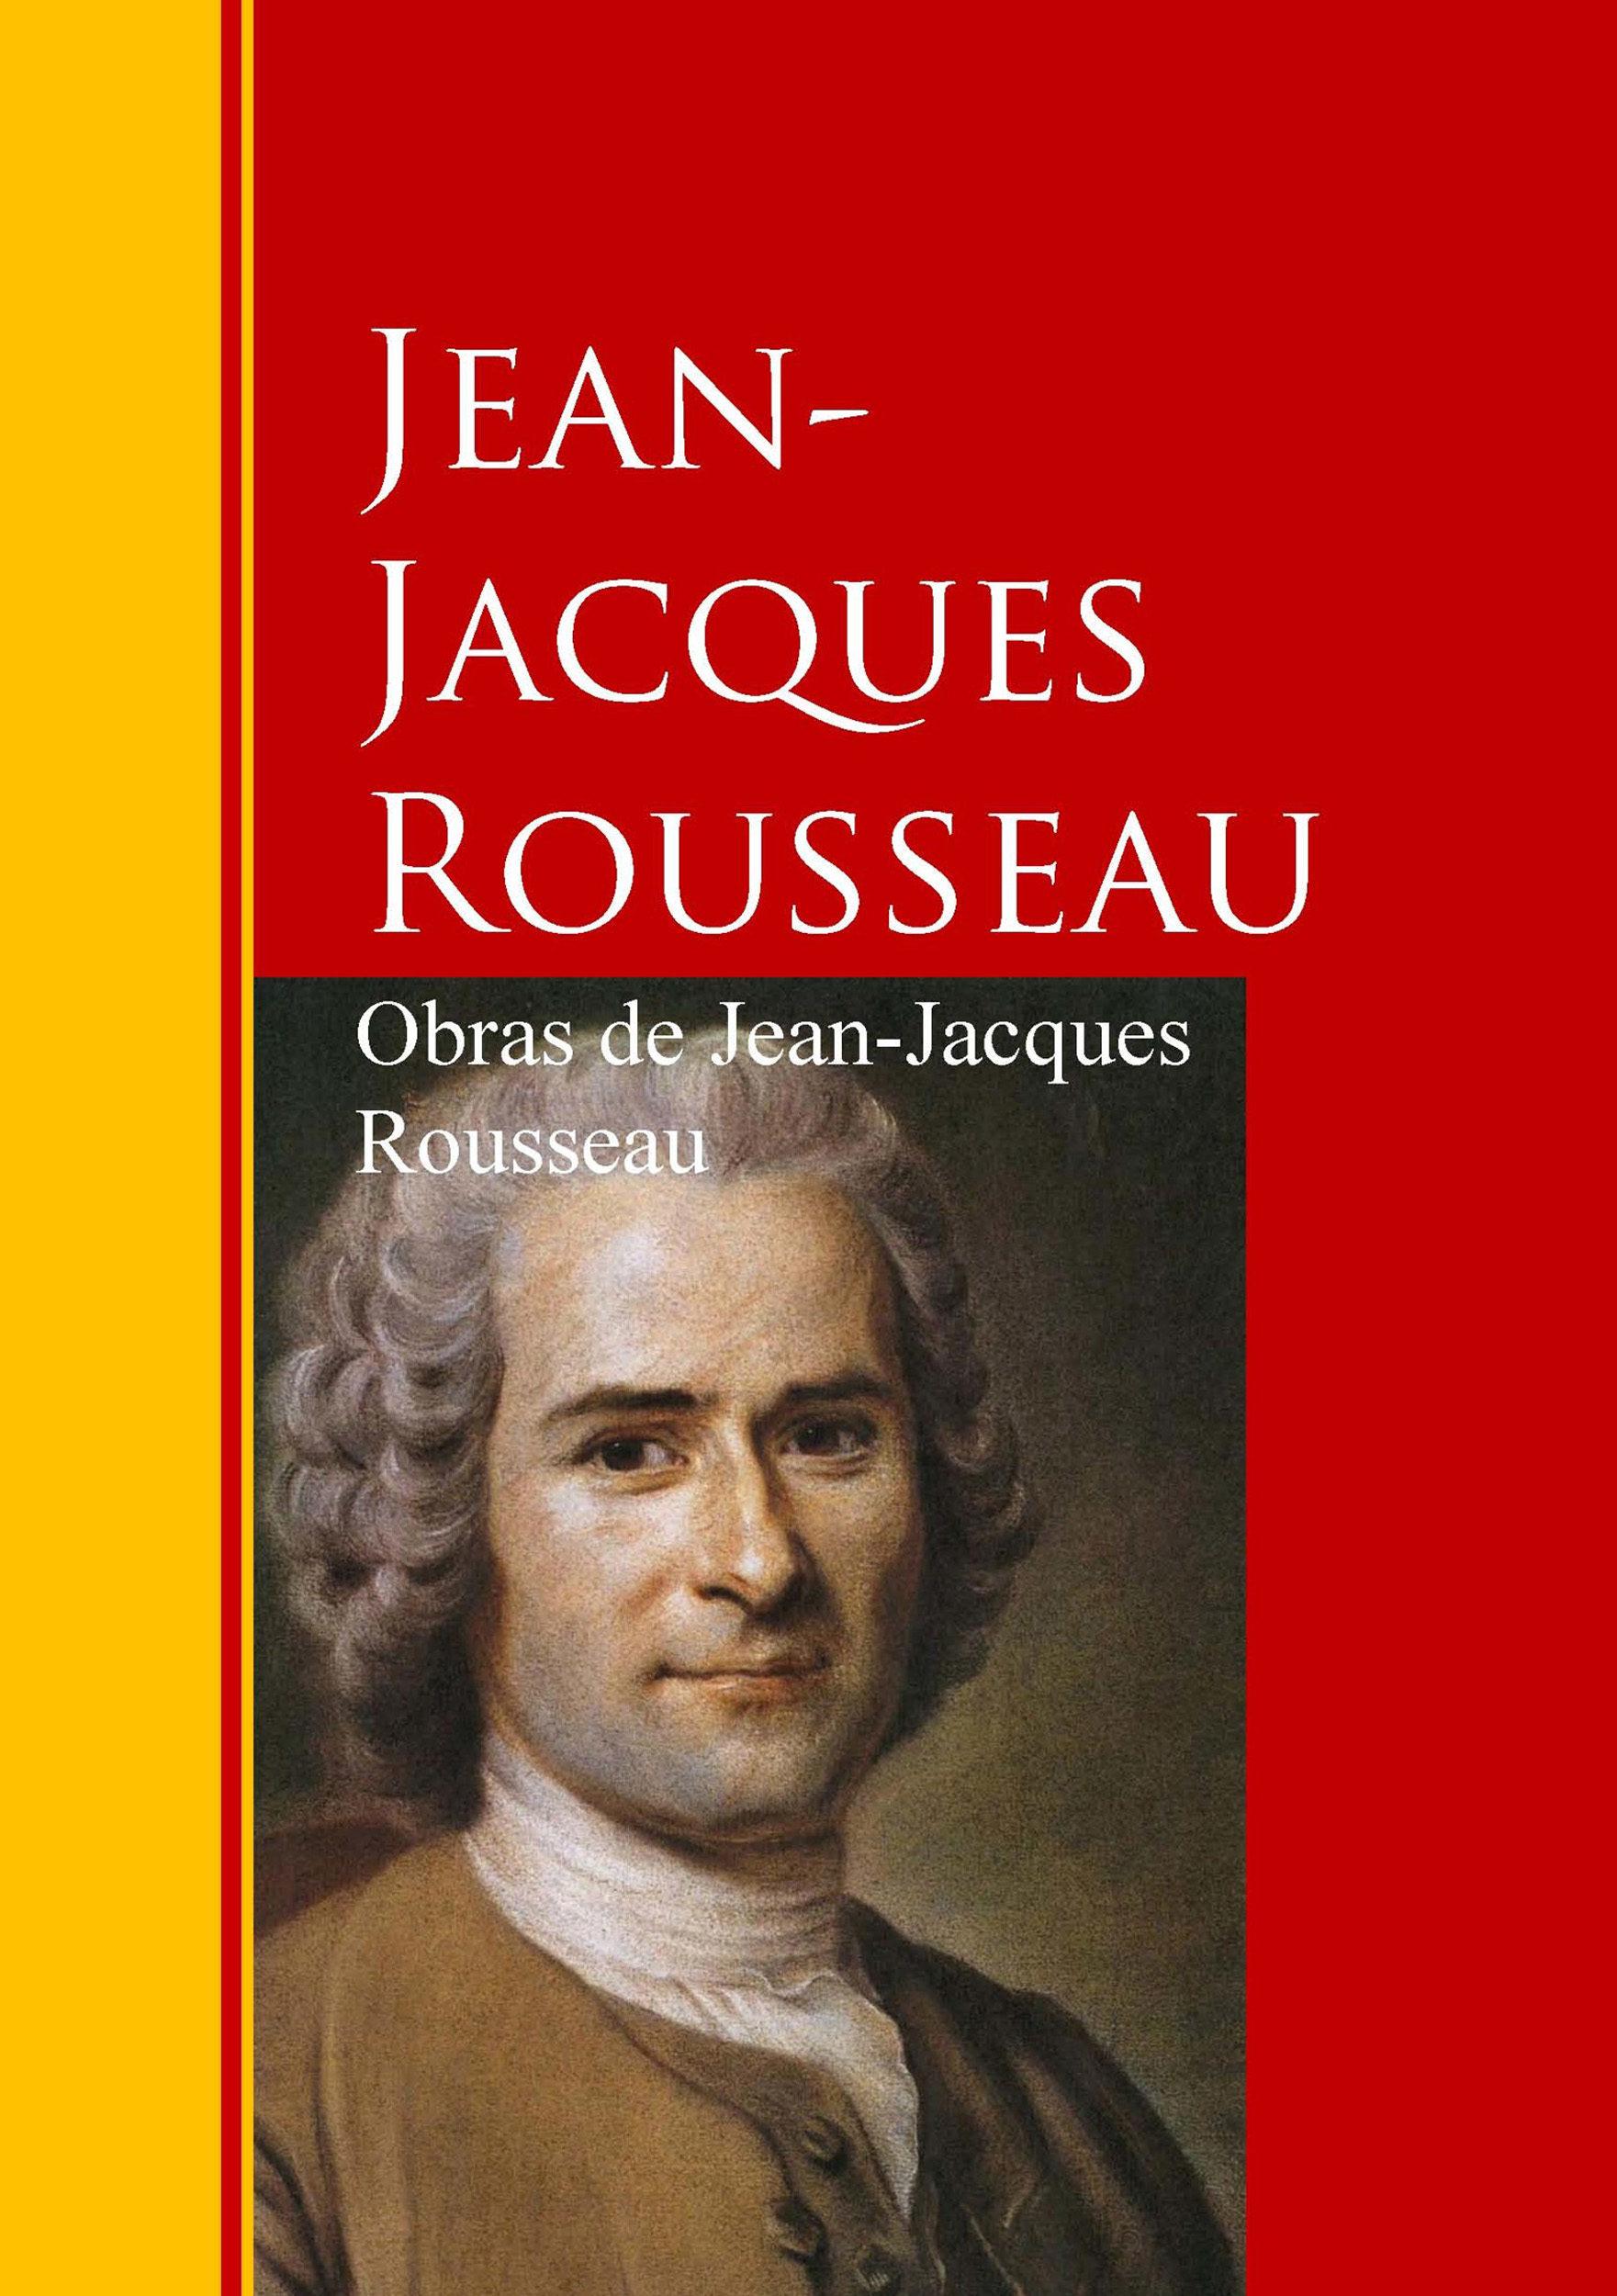 Obras de jean jacques rousseau ebook jean jacques rousseau 9783959284691